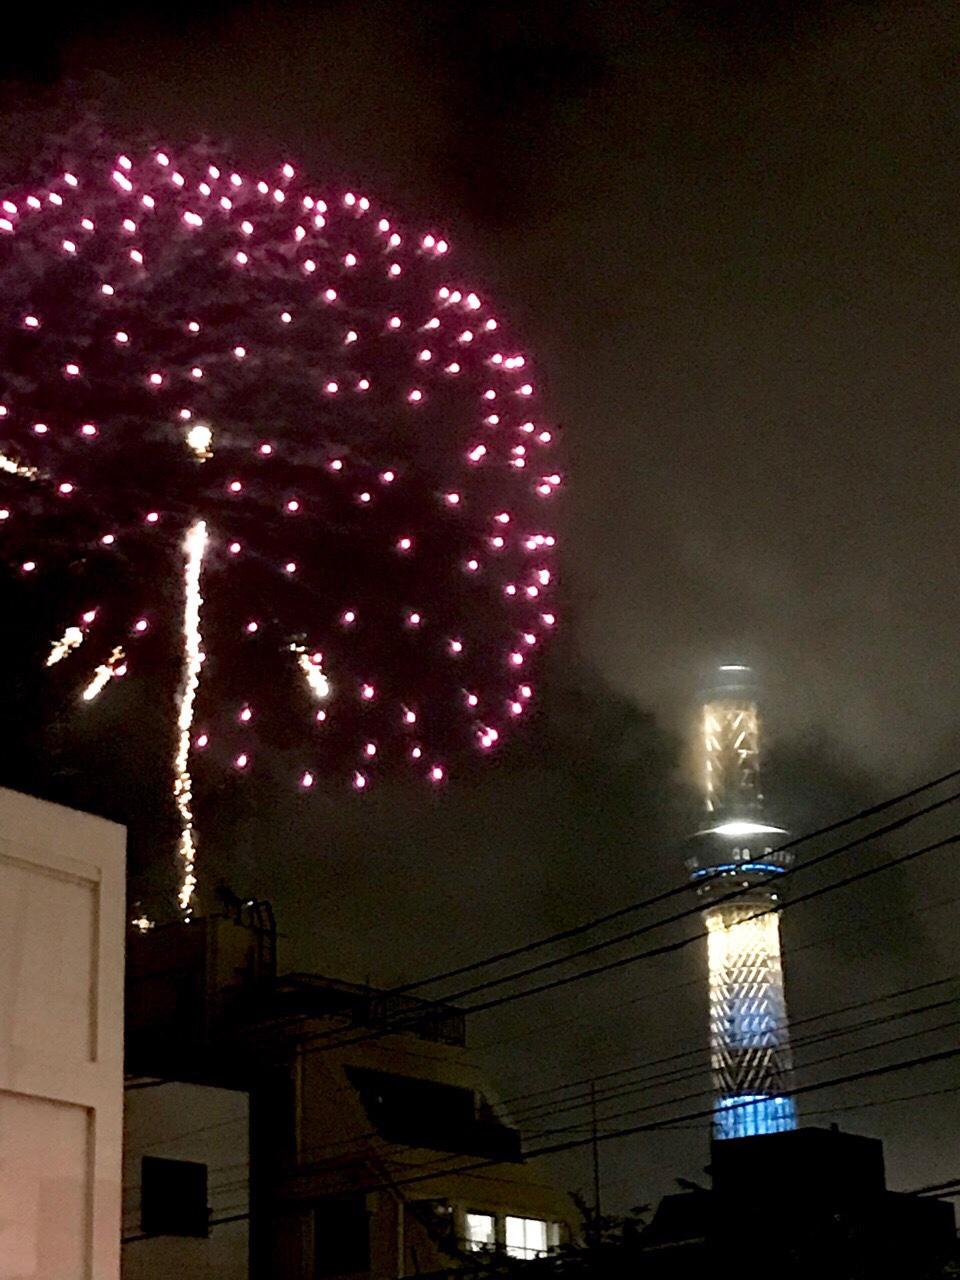 隅田川花火大会 スカイツリー2019